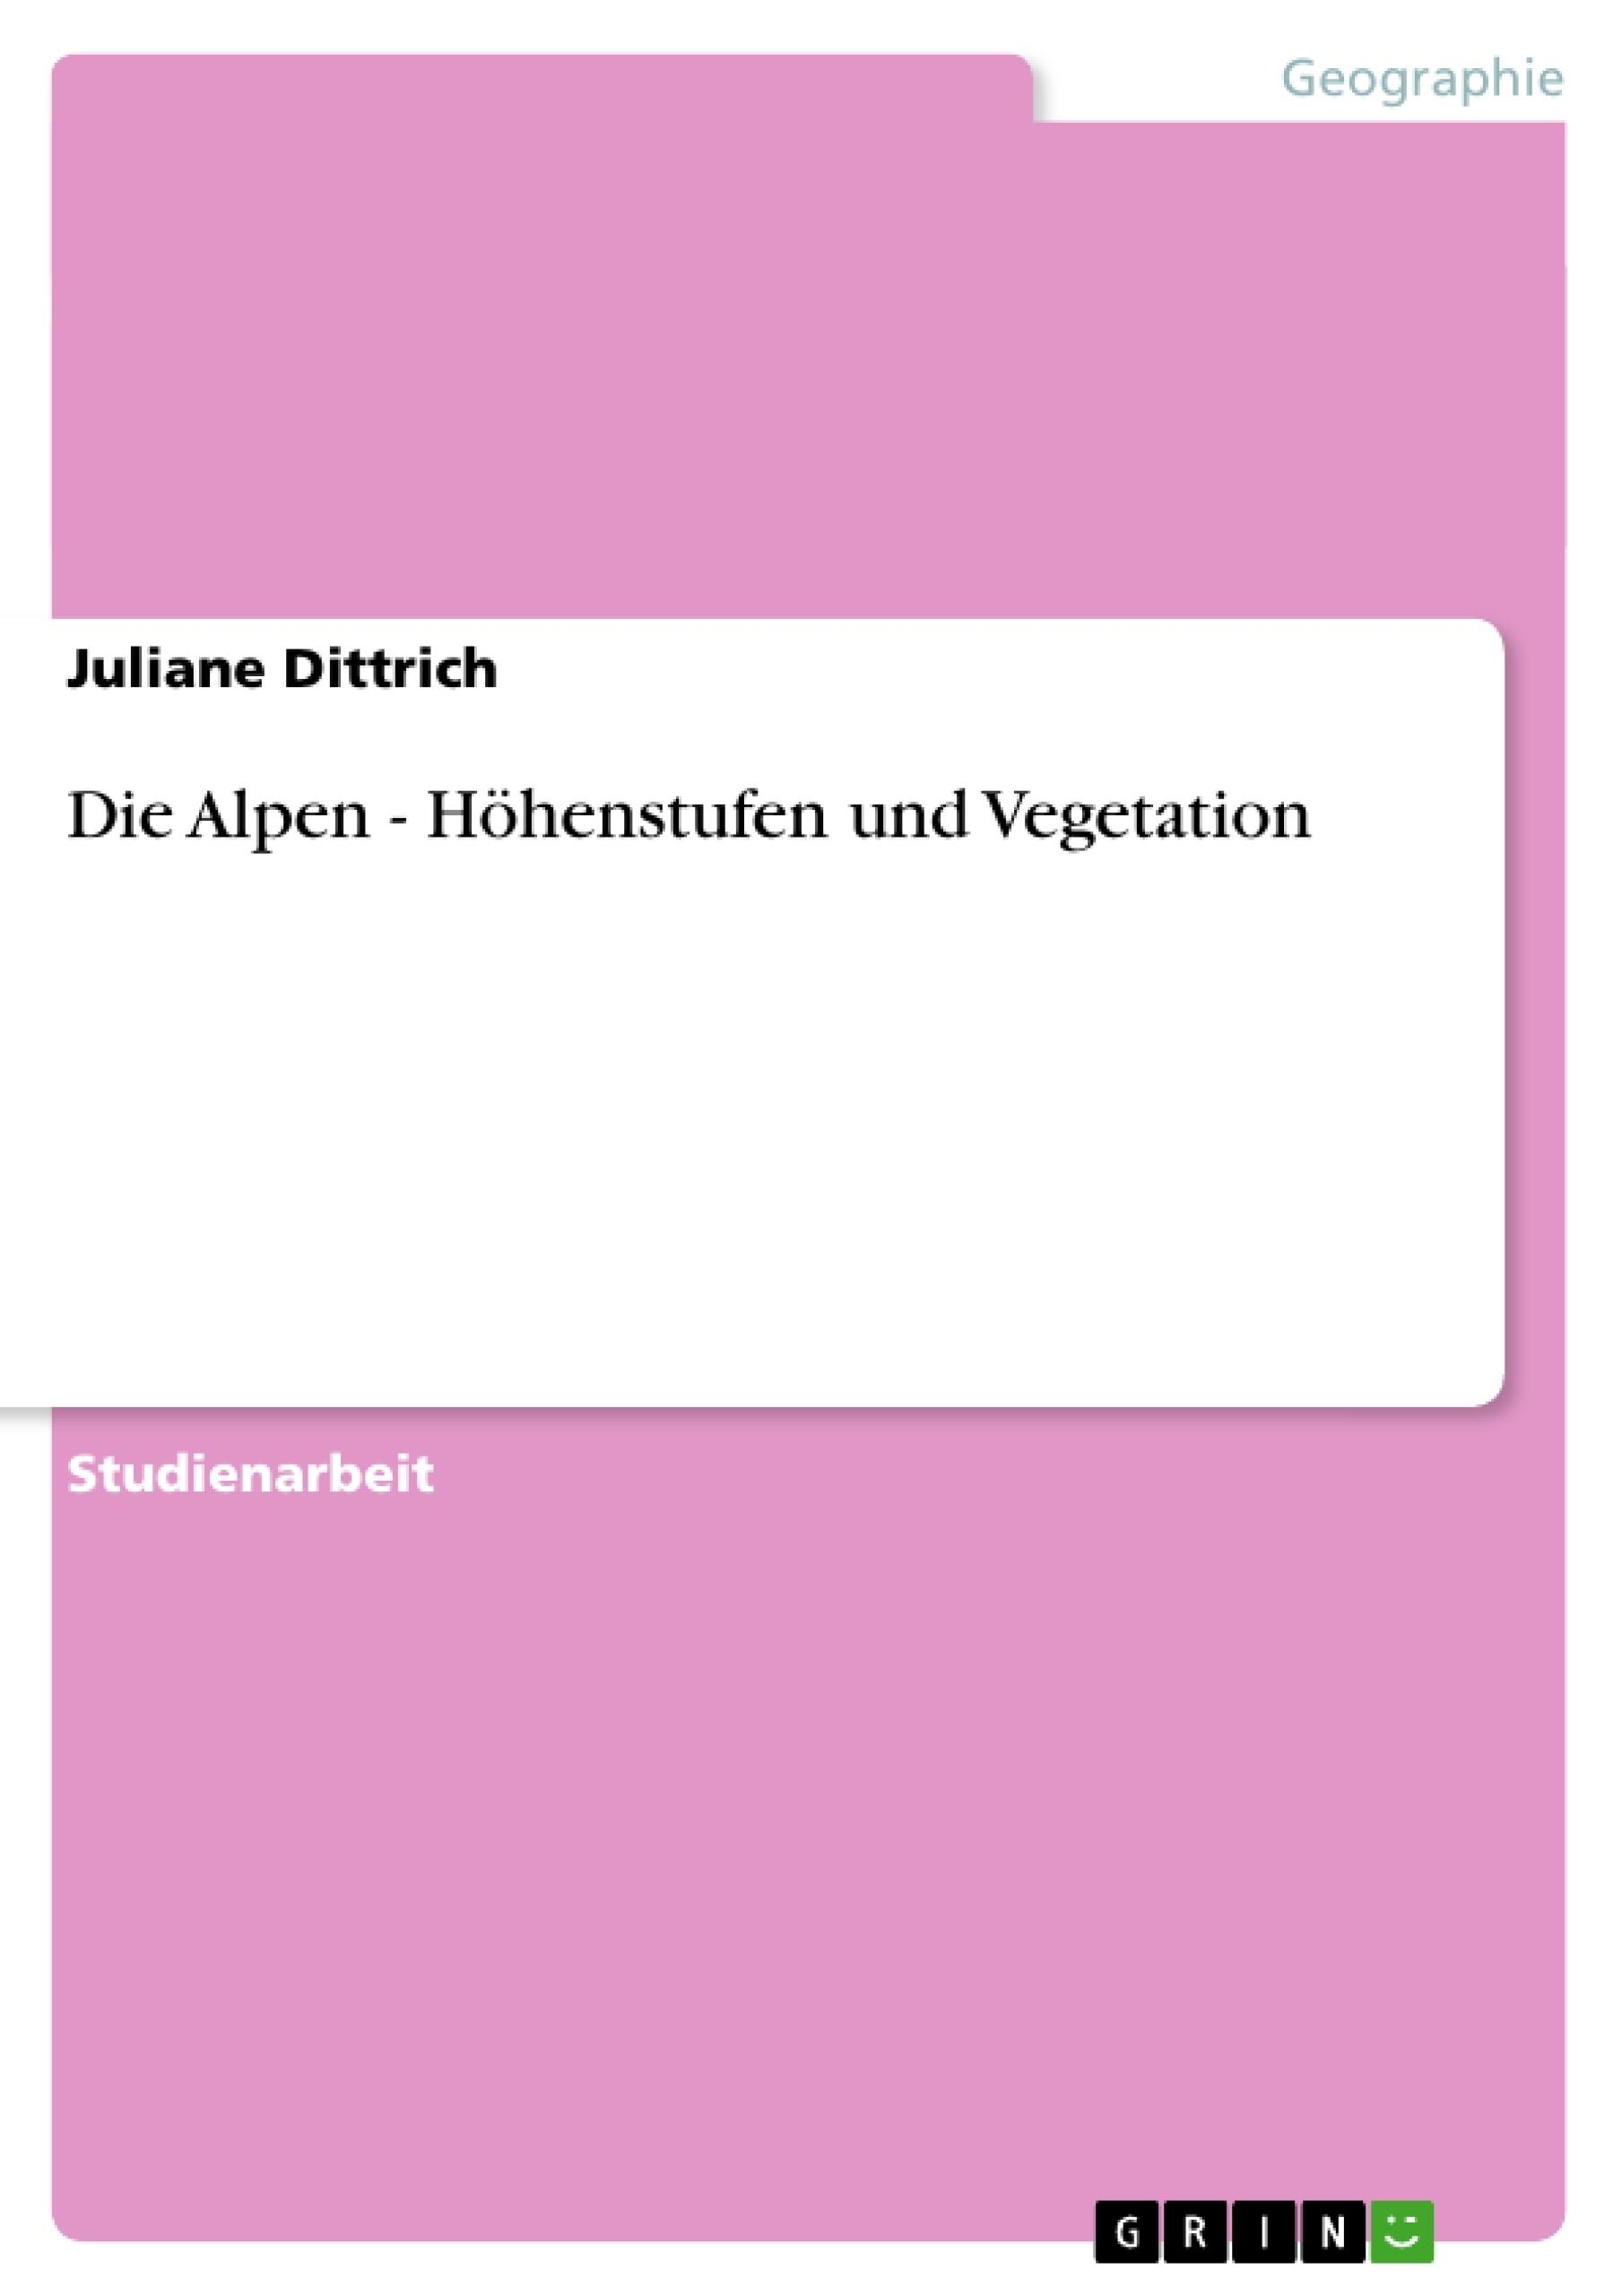 Titel: Die Alpen - Höhenstufen und Vegetation